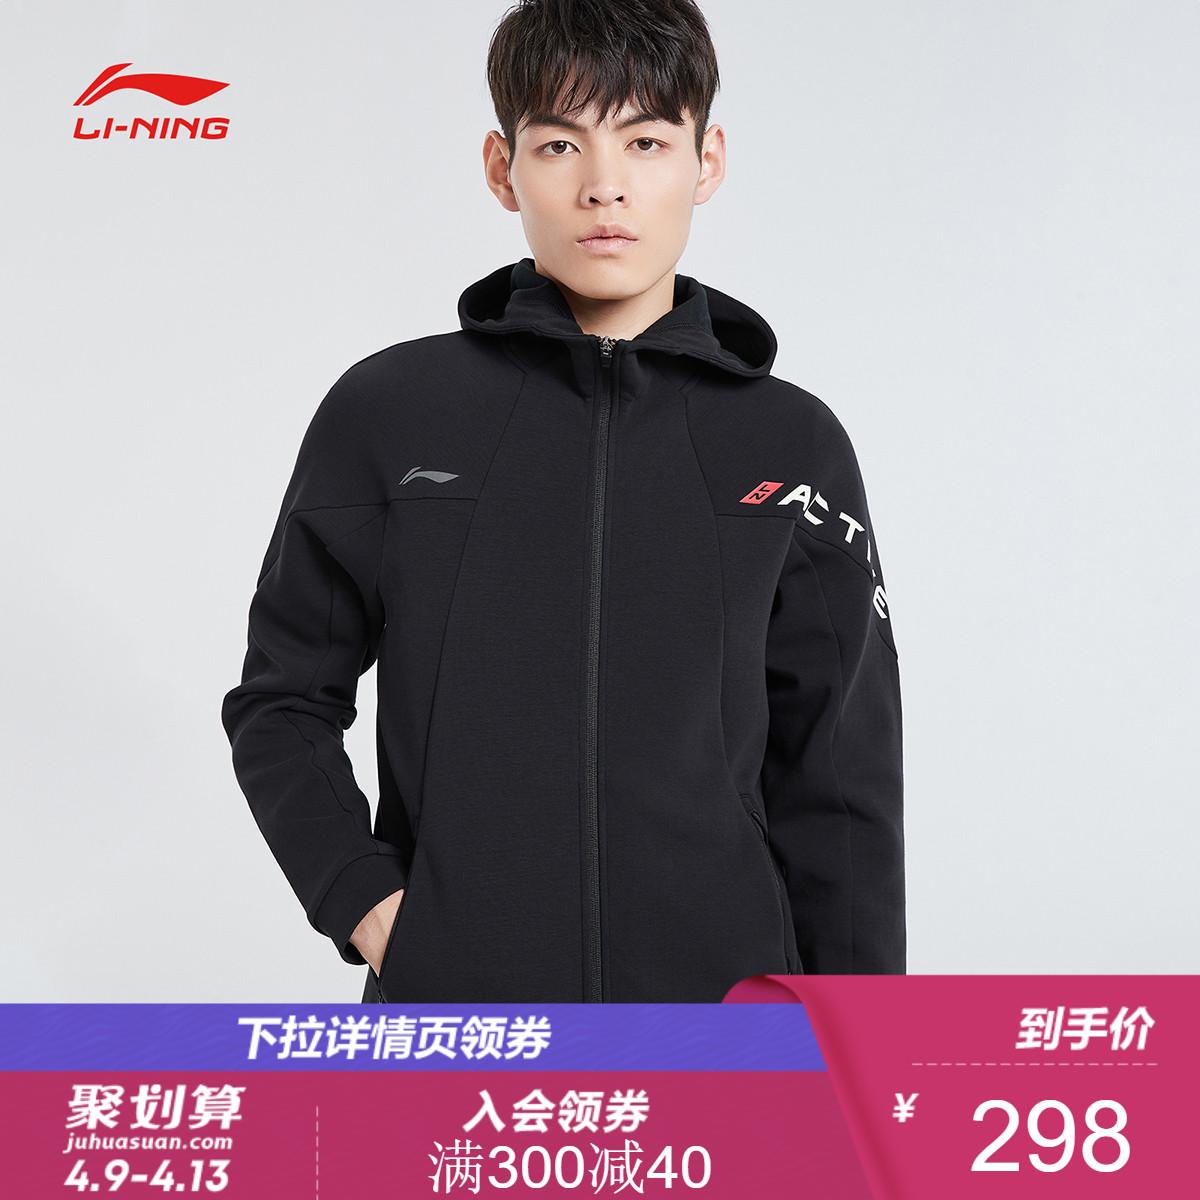 李宁卫衣男士2020新款训练系列开衫长袖连帽上衣男装针织运动服